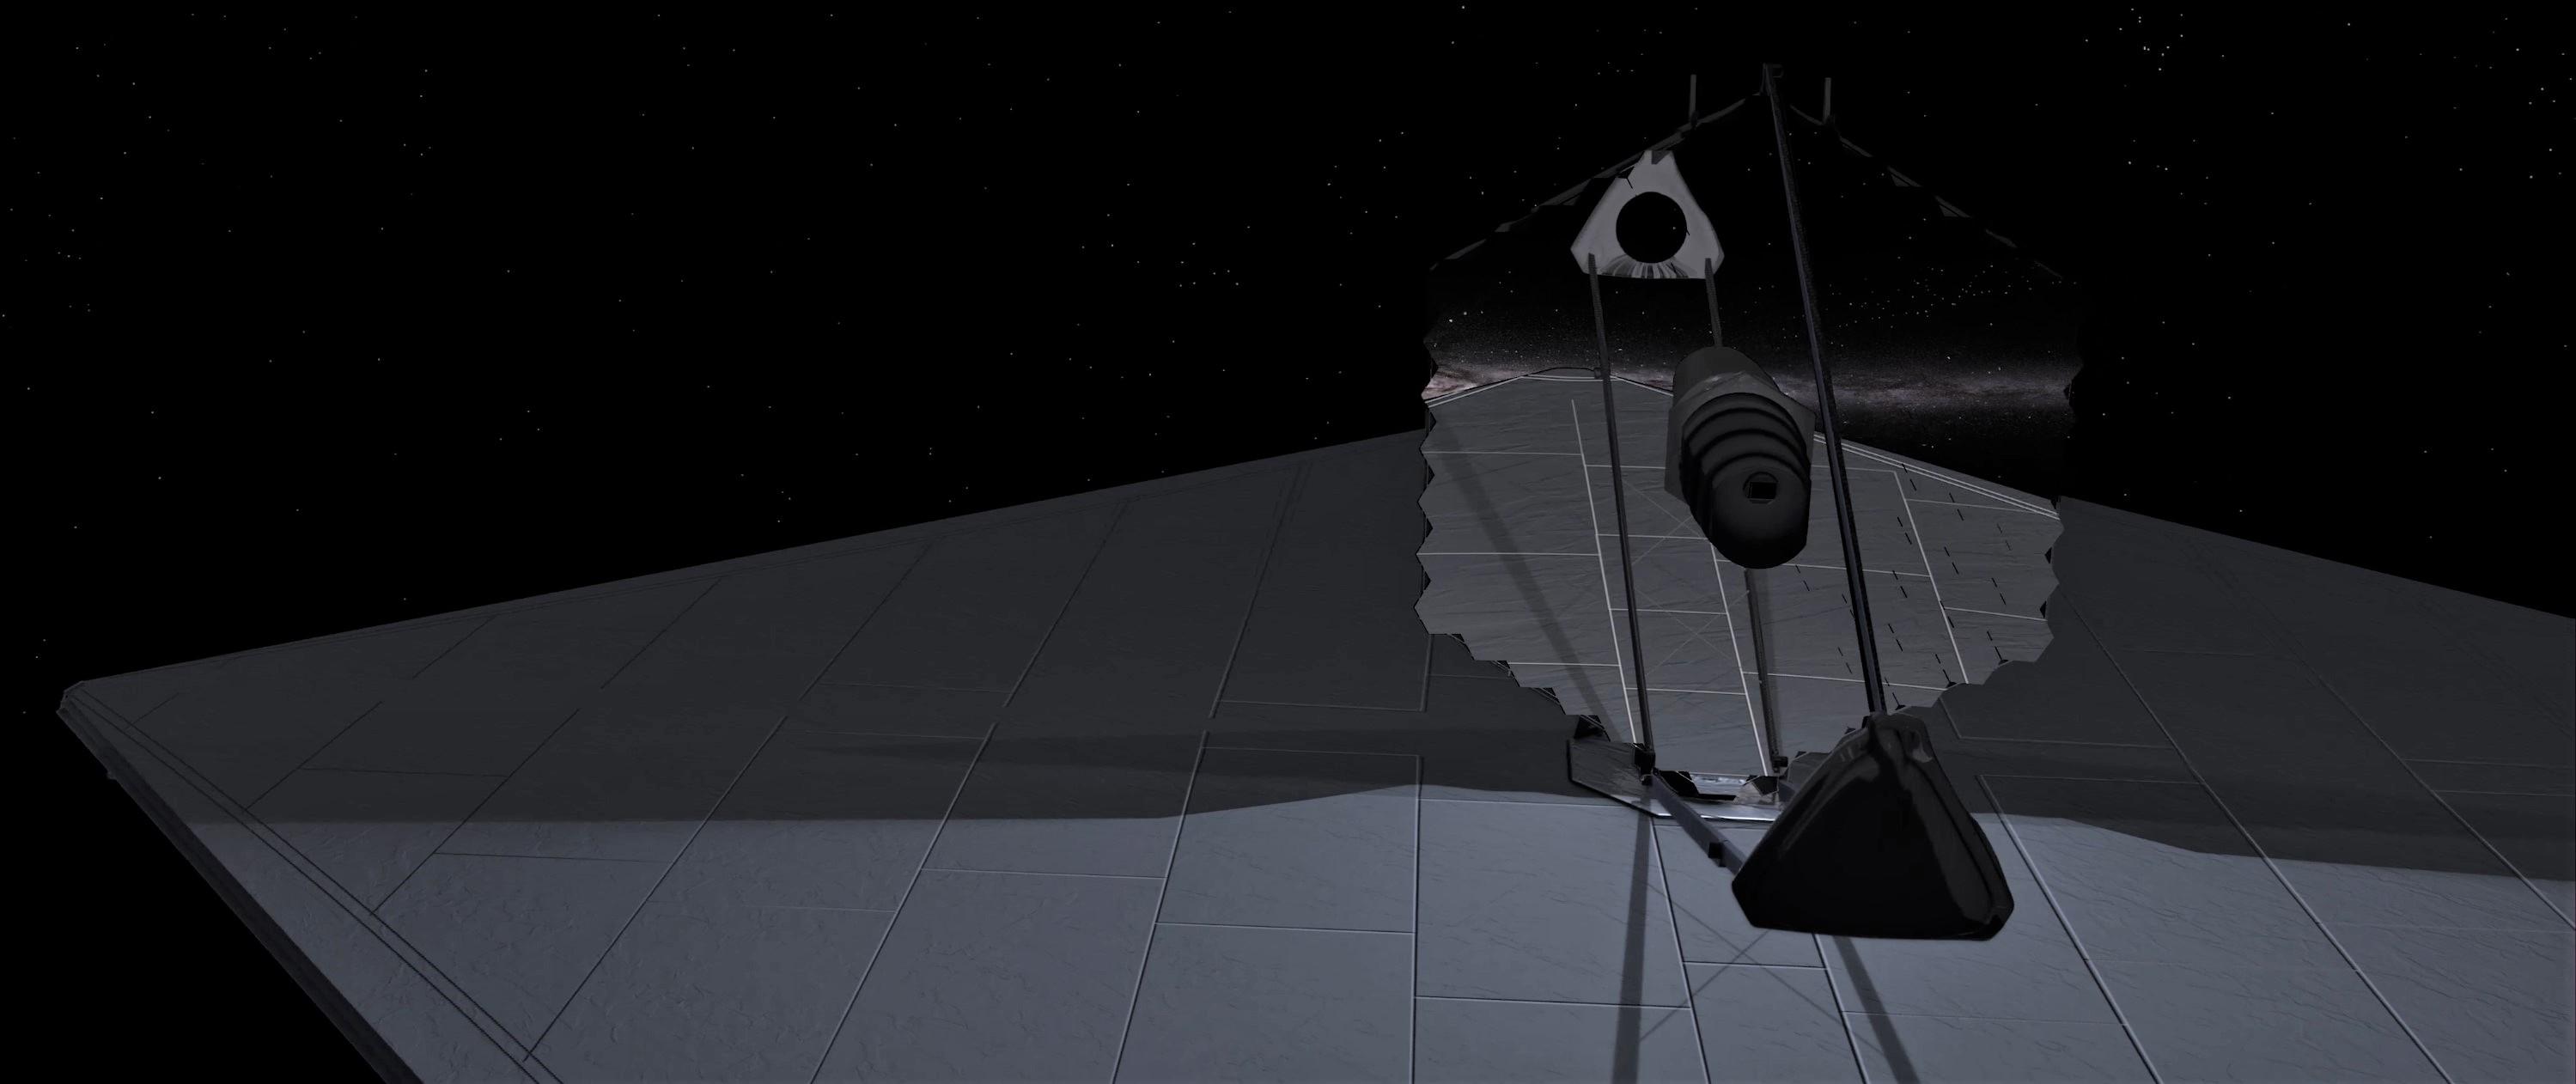 LUVOIR render (NASA) 2